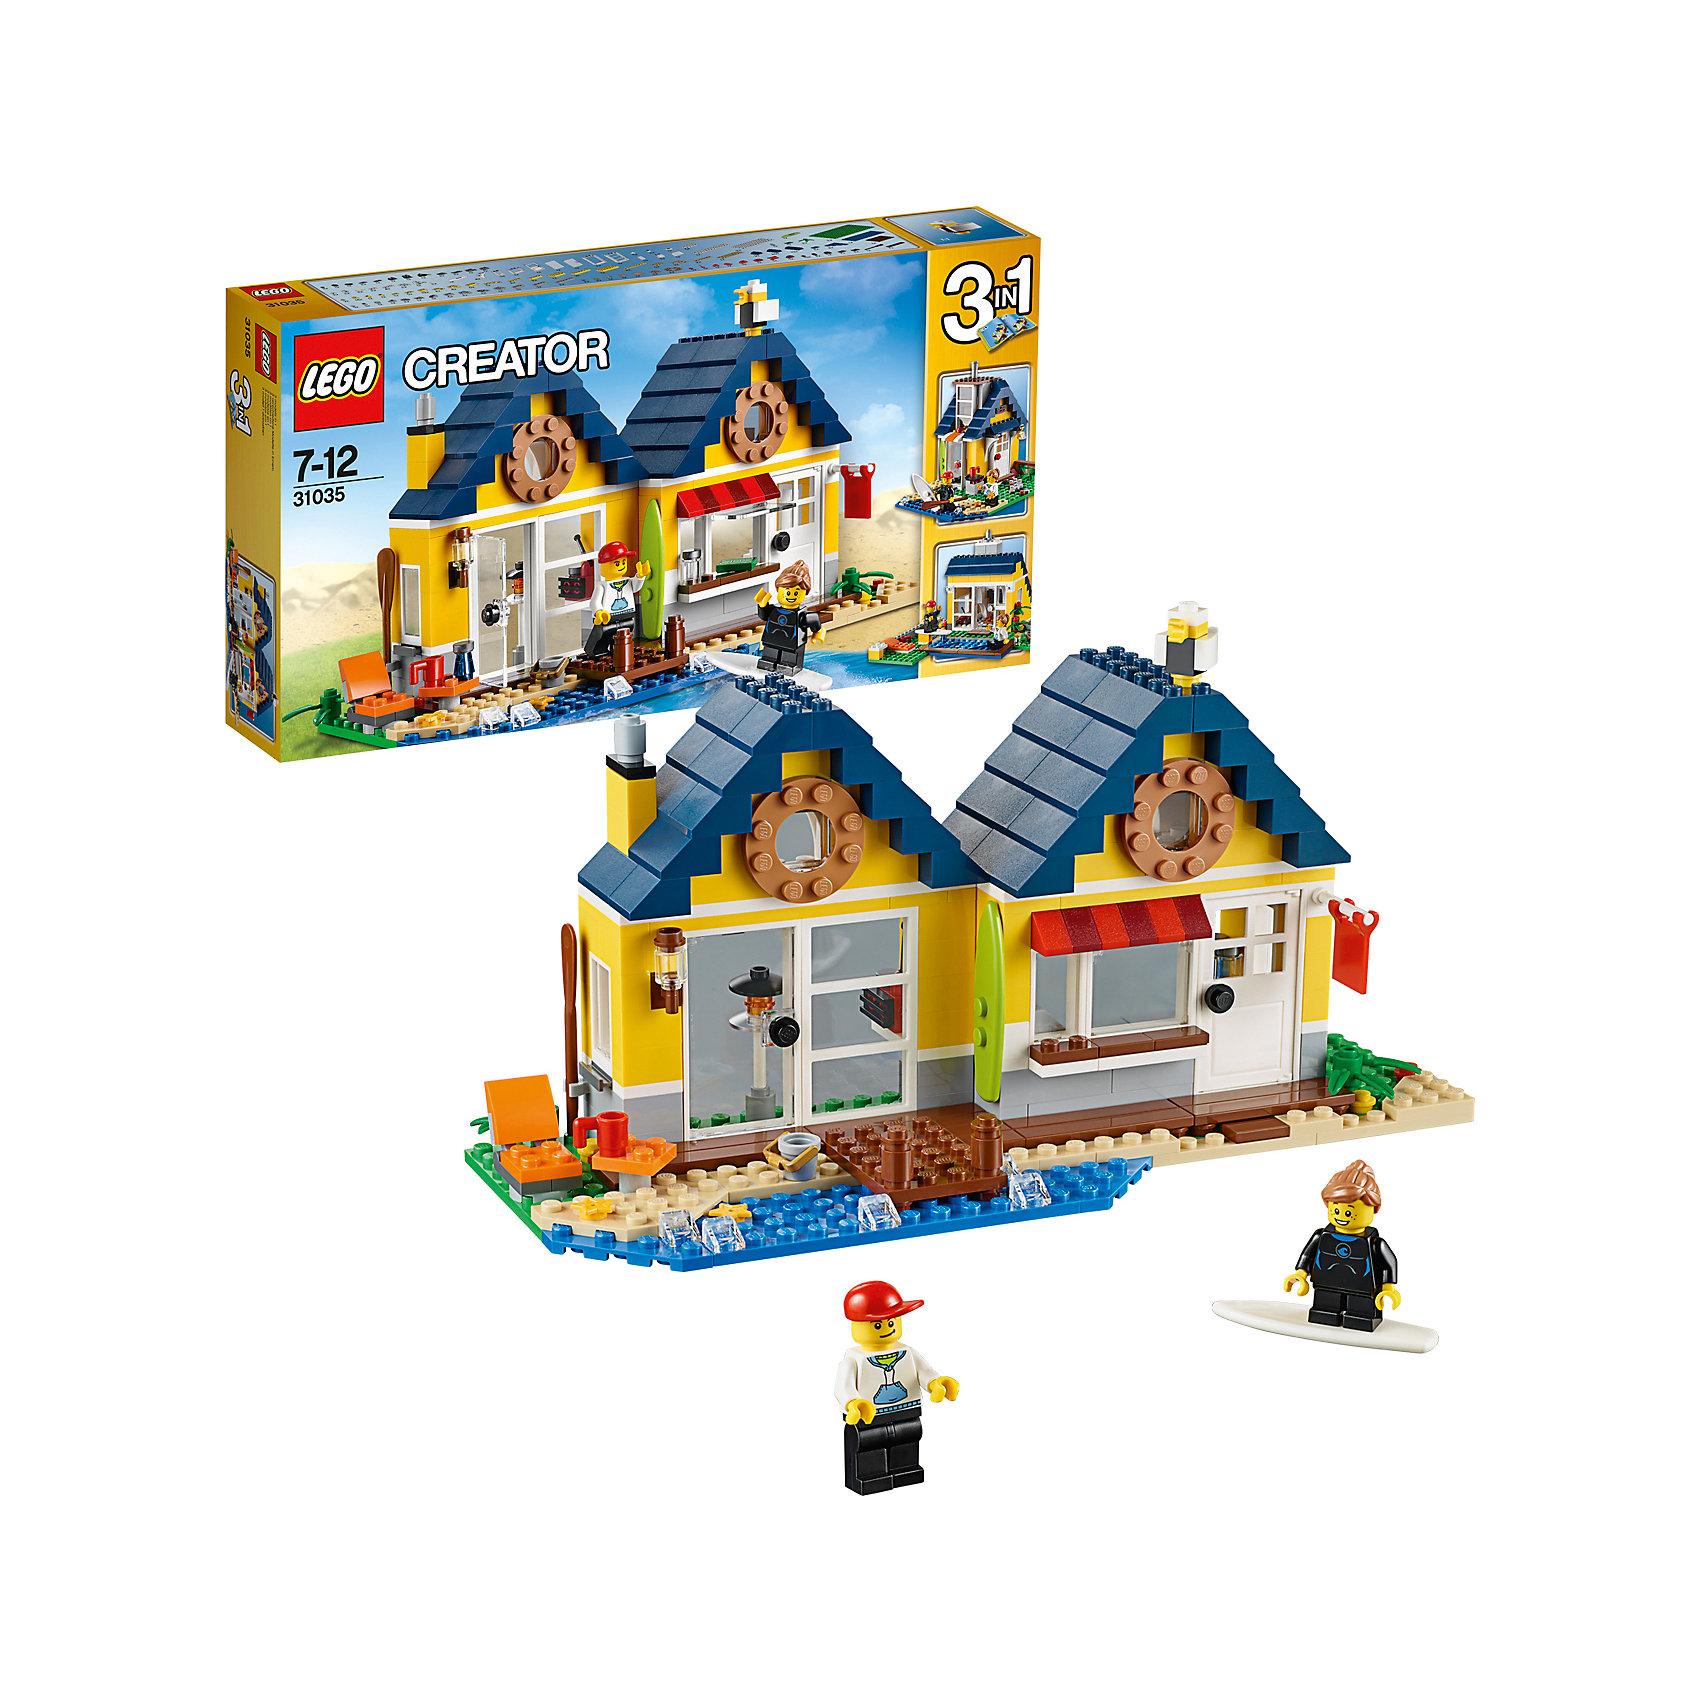 LEGO Creator 31035: Домик на пляжеИдеи подарков<br>LEGO Creator (ЛЕГО Криэйтор) 31035: Домик на пляже – это мечта любого серфингиста, ведь в нем есть все необходимое для отличного отдыха и занятий спортом. Изучив подробную схему, малыш сможет собрать домик на 2 комнаты, каждая из которых имеет свой вход и интерьер. Внешние стены выкрашены в желтый цвет, а крыша выложена синей черепицей. Перед входом находится песчаный пляж и деревянный пирс, ведущий в море. На пляже можно установить столик с напитками и шезлонг. На стенах дома располагаются крепления для фонаря, весла и досок для серфинга. Немного фантазии и смекалки, и уютный домик способен трансформироваться в настоящий магазин спортивного инвентаря или летнюю хижину с бассейном.<br><br>С помощью конструкторов серии ЛЕГО Криэйтор малыш учится собственными руками создавать что-то новое, познает устройство окружающей действительности, развивает мышление и творческие навыки. Особенность этой серии в том, что у одного набора существует 3 готовых варианта сборки. Но также ребенок может проявлять собственную фантазию и собирать то, что ему захочется. В серию входят стандартные кубики, из которых можно собрать дома, автомобили и многое другое. Все выпускаемые конструкторы ЛЕГО Криэйтор  взаимозаменяемы, поэтому детали от любого набора прекрасно подойдут к уже имеющемуся конструктору.<br><br>Дополнительная информация:<br>-Количество деталей: 286 шт.<br>-Размер упаковки: 35,4x19,1x5,9 см<br>-Размеры домика: 13 х 10 х 26 см<br>-Размеры магазина: 24 х 13 х 16 см<br>-Размеры хижины с бассейном: 12 х 20 х 19 см<br>-Вес: 0,59 кг<br>-Материал: пластик<br><br>LEGO Creator (ЛЕГО Криэйтор) 31035: Домик на пляже можно купить в нашем магазине.<br><br>Ширина мм: 355<br>Глубина мм: 190<br>Высота мм: 60<br>Вес г: 576<br>Возраст от месяцев: 84<br>Возраст до месяцев: 144<br>Пол: Унисекс<br>Возраст: Детский<br>SKU: 3786115